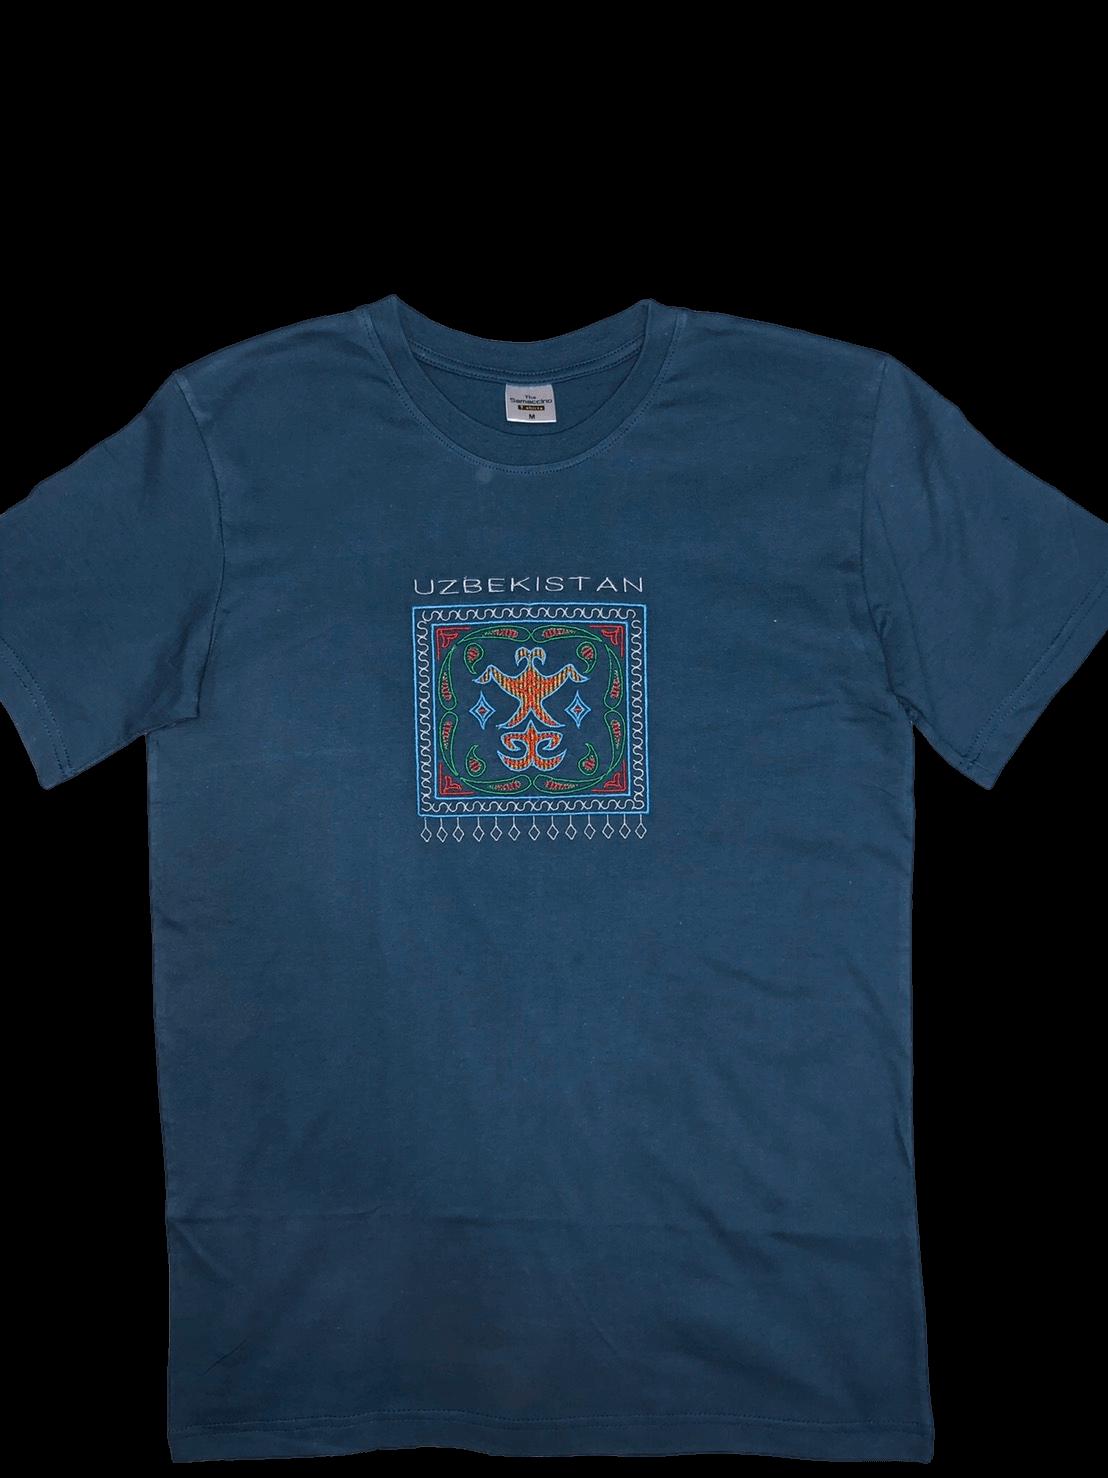 スザニ刺繍入りウズベキスタン Tシャツ(濃青ヒヤシンス色)